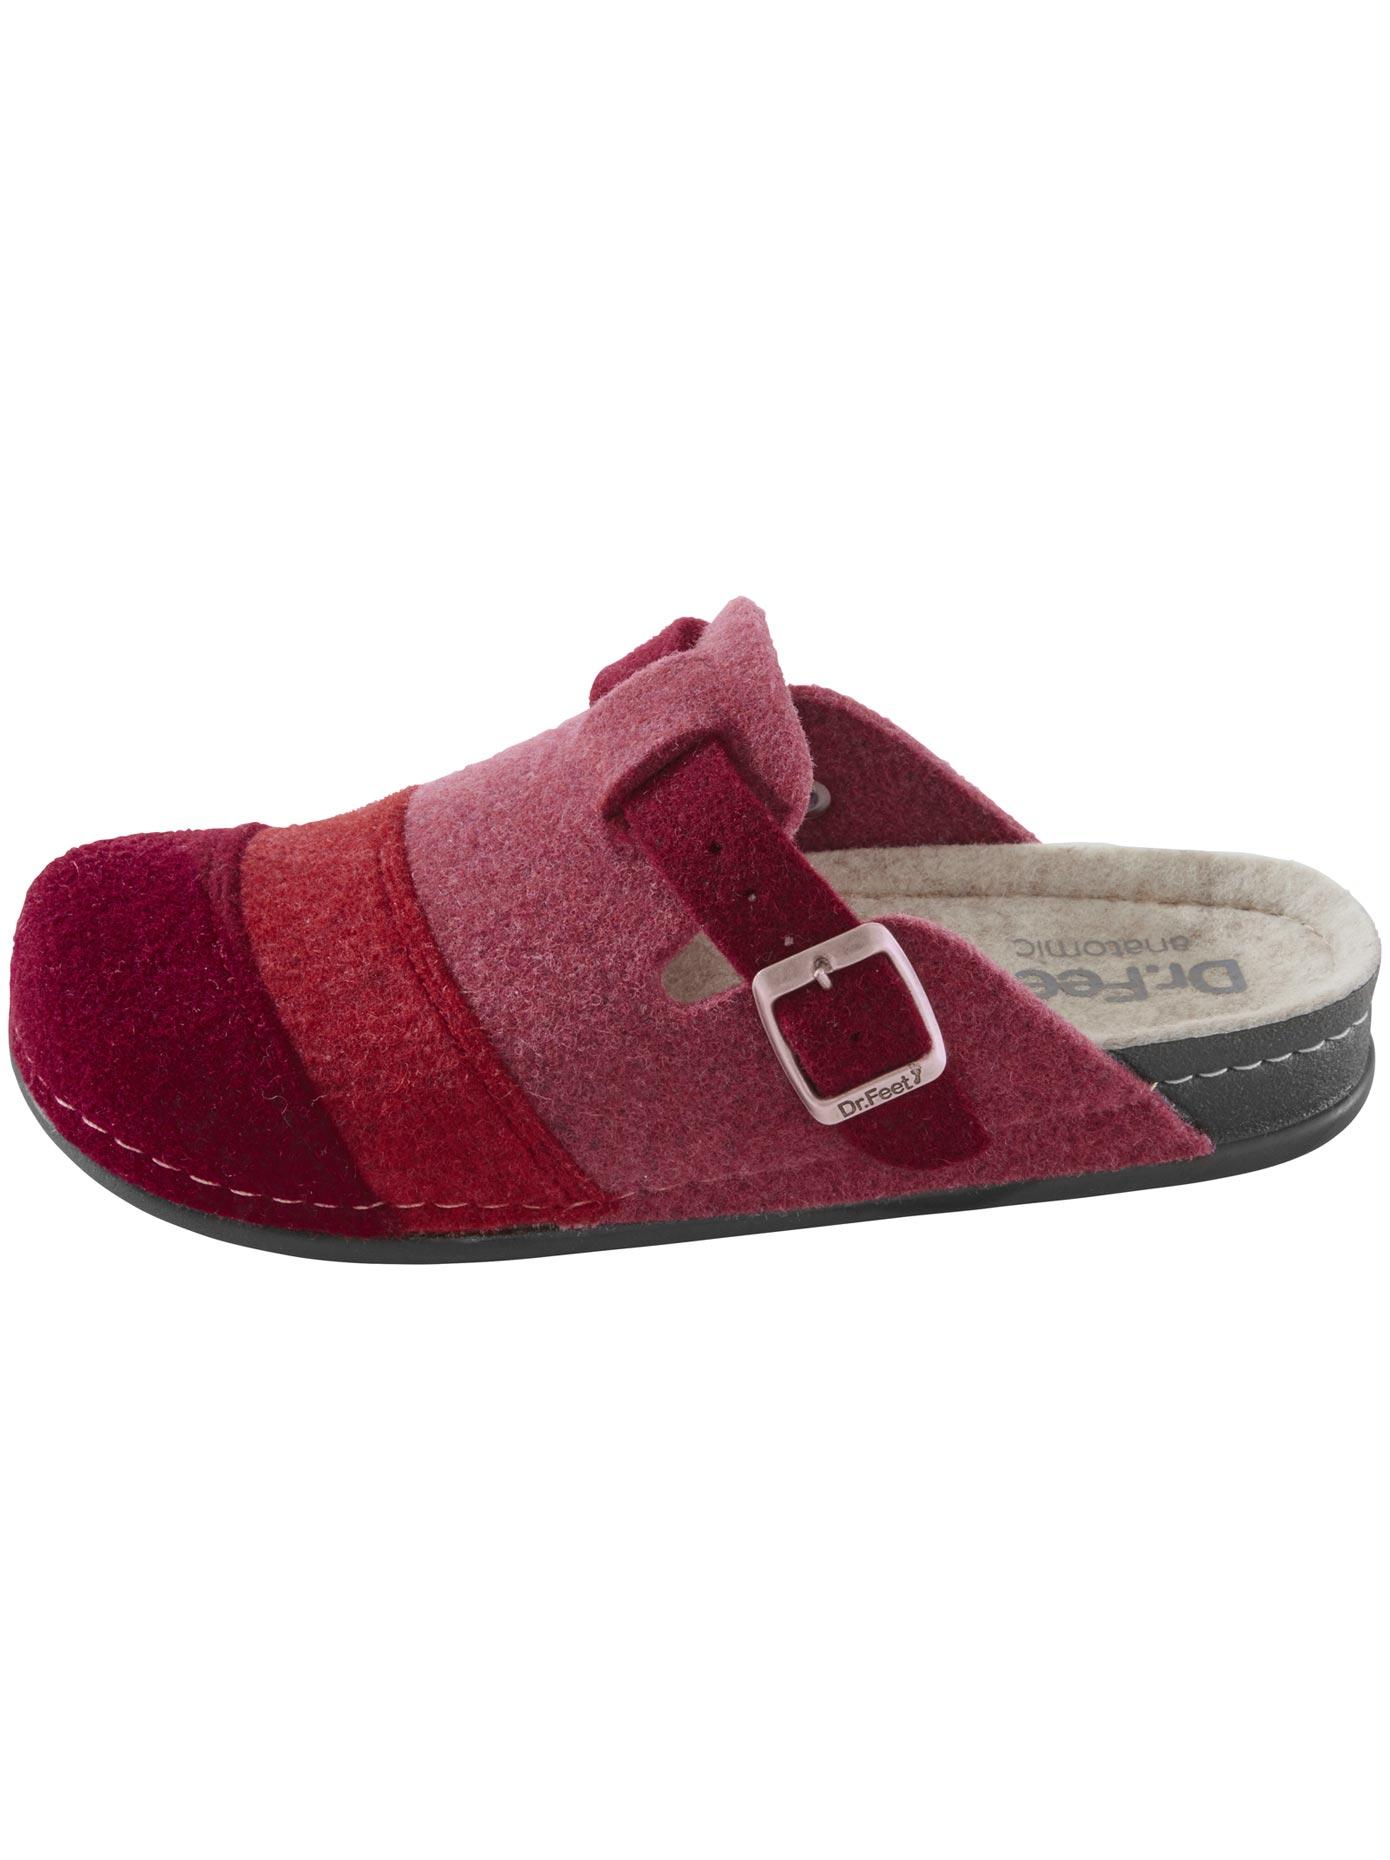 Hausschuh rot Damen Hausschuhe Schuhe Klassische Mode